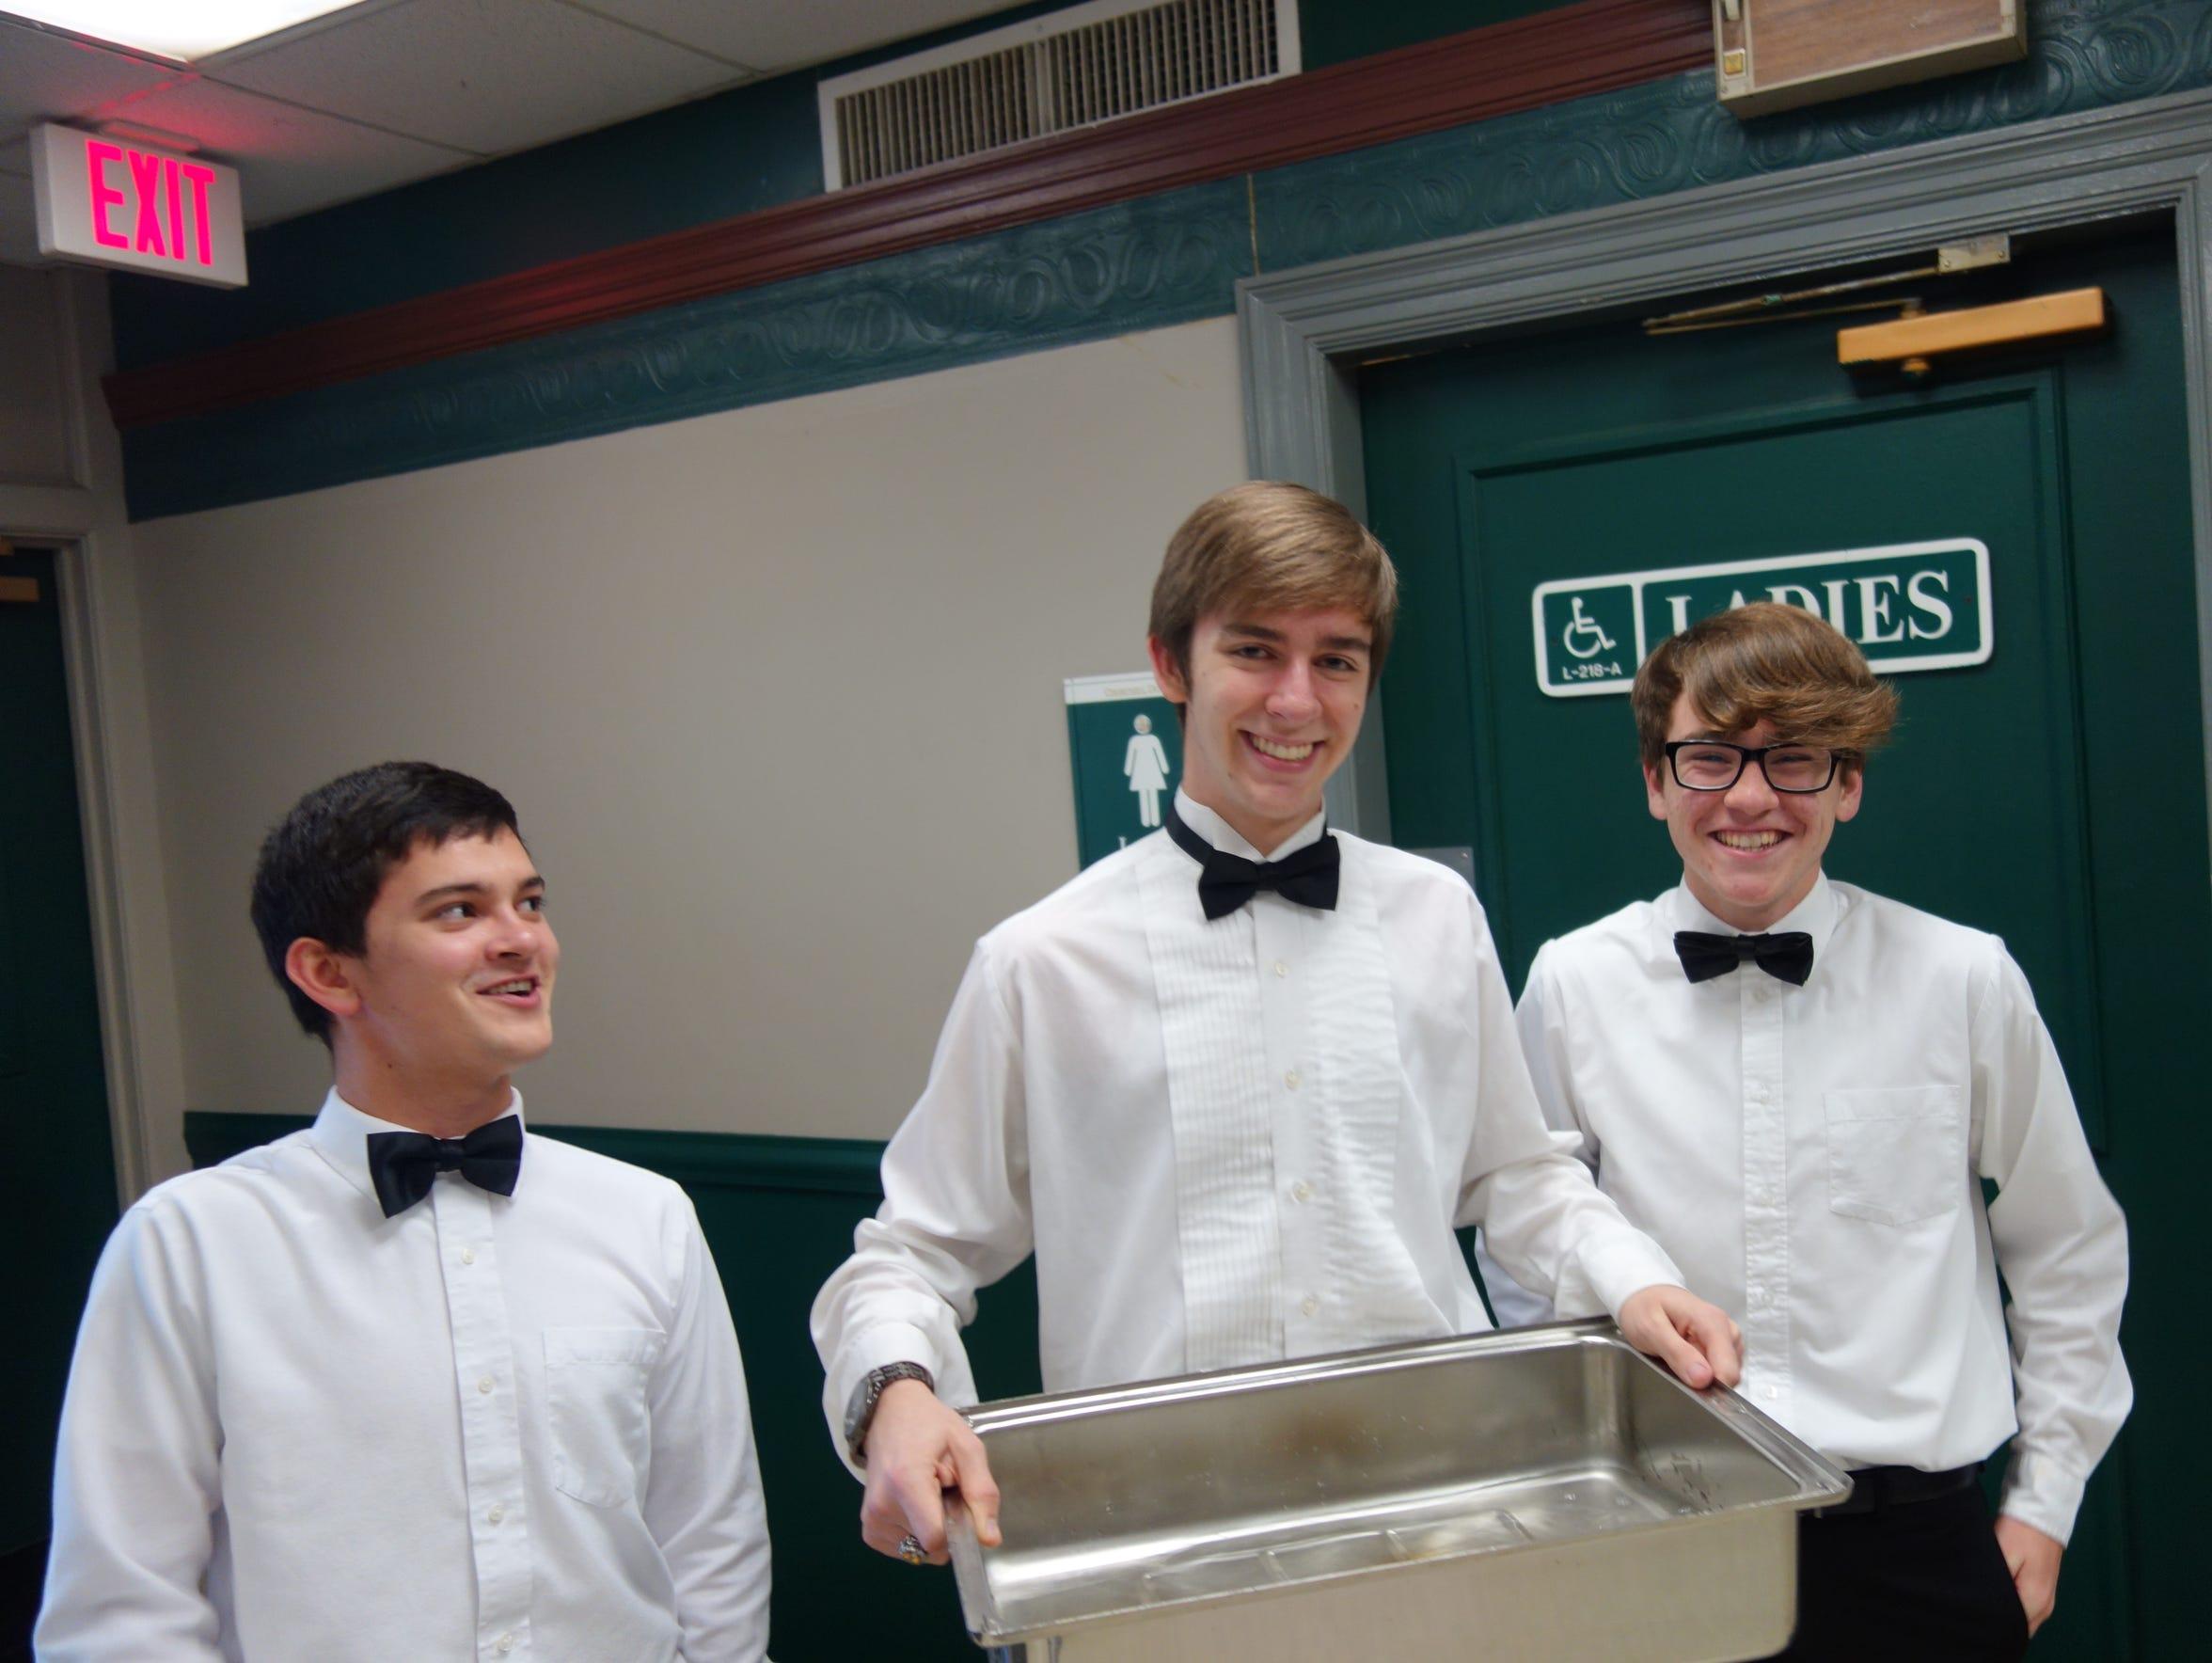 From left, Gio Ruppert, Spencer Stevens and Steven